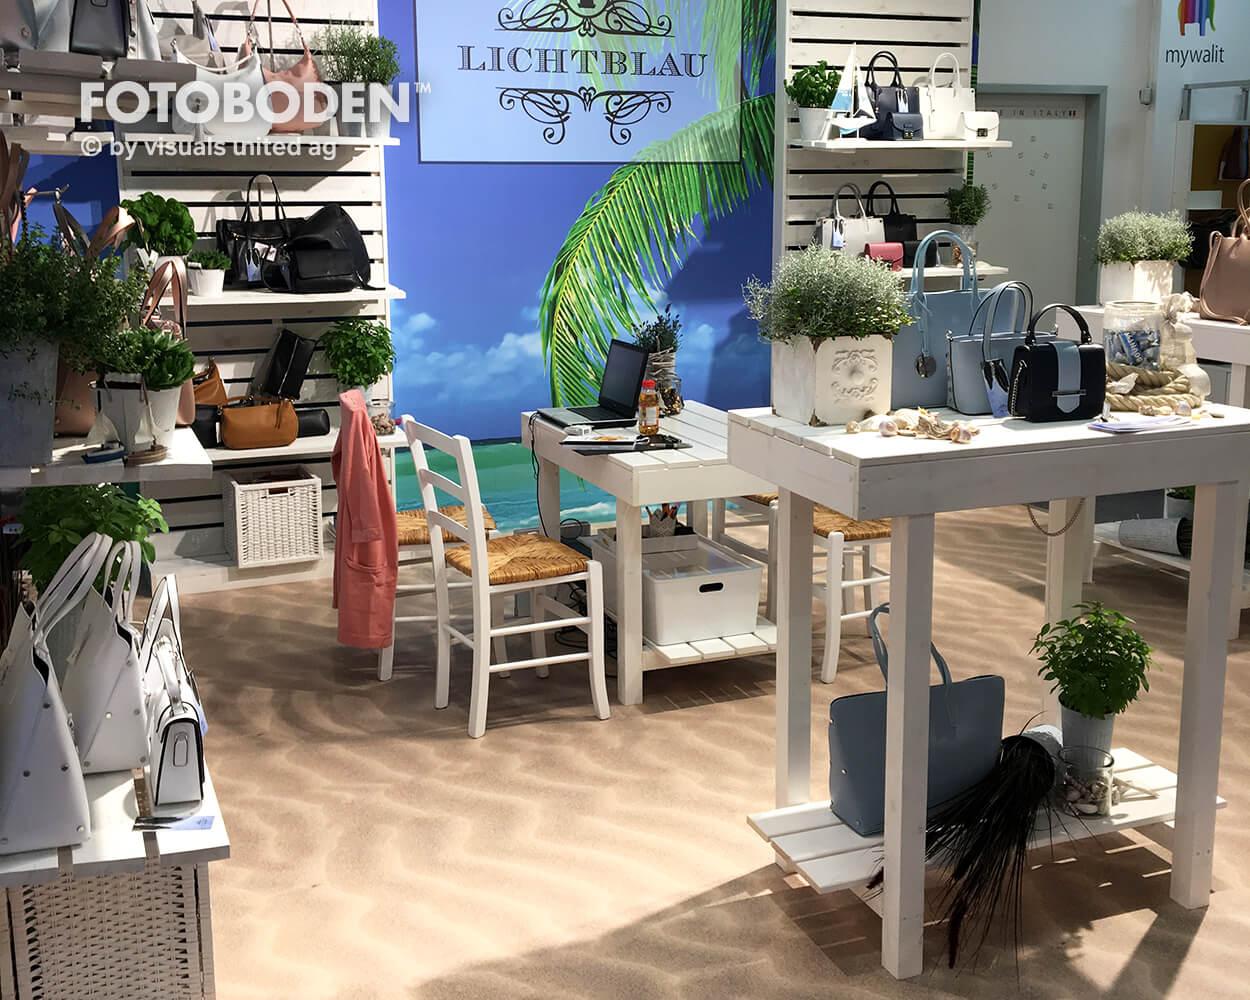 Lichtblau Fotoboden Messeboden Tradeshow Flooring Bodengestaltung Messe Bodendesign Messedesign Design Boden Messegestaltung1